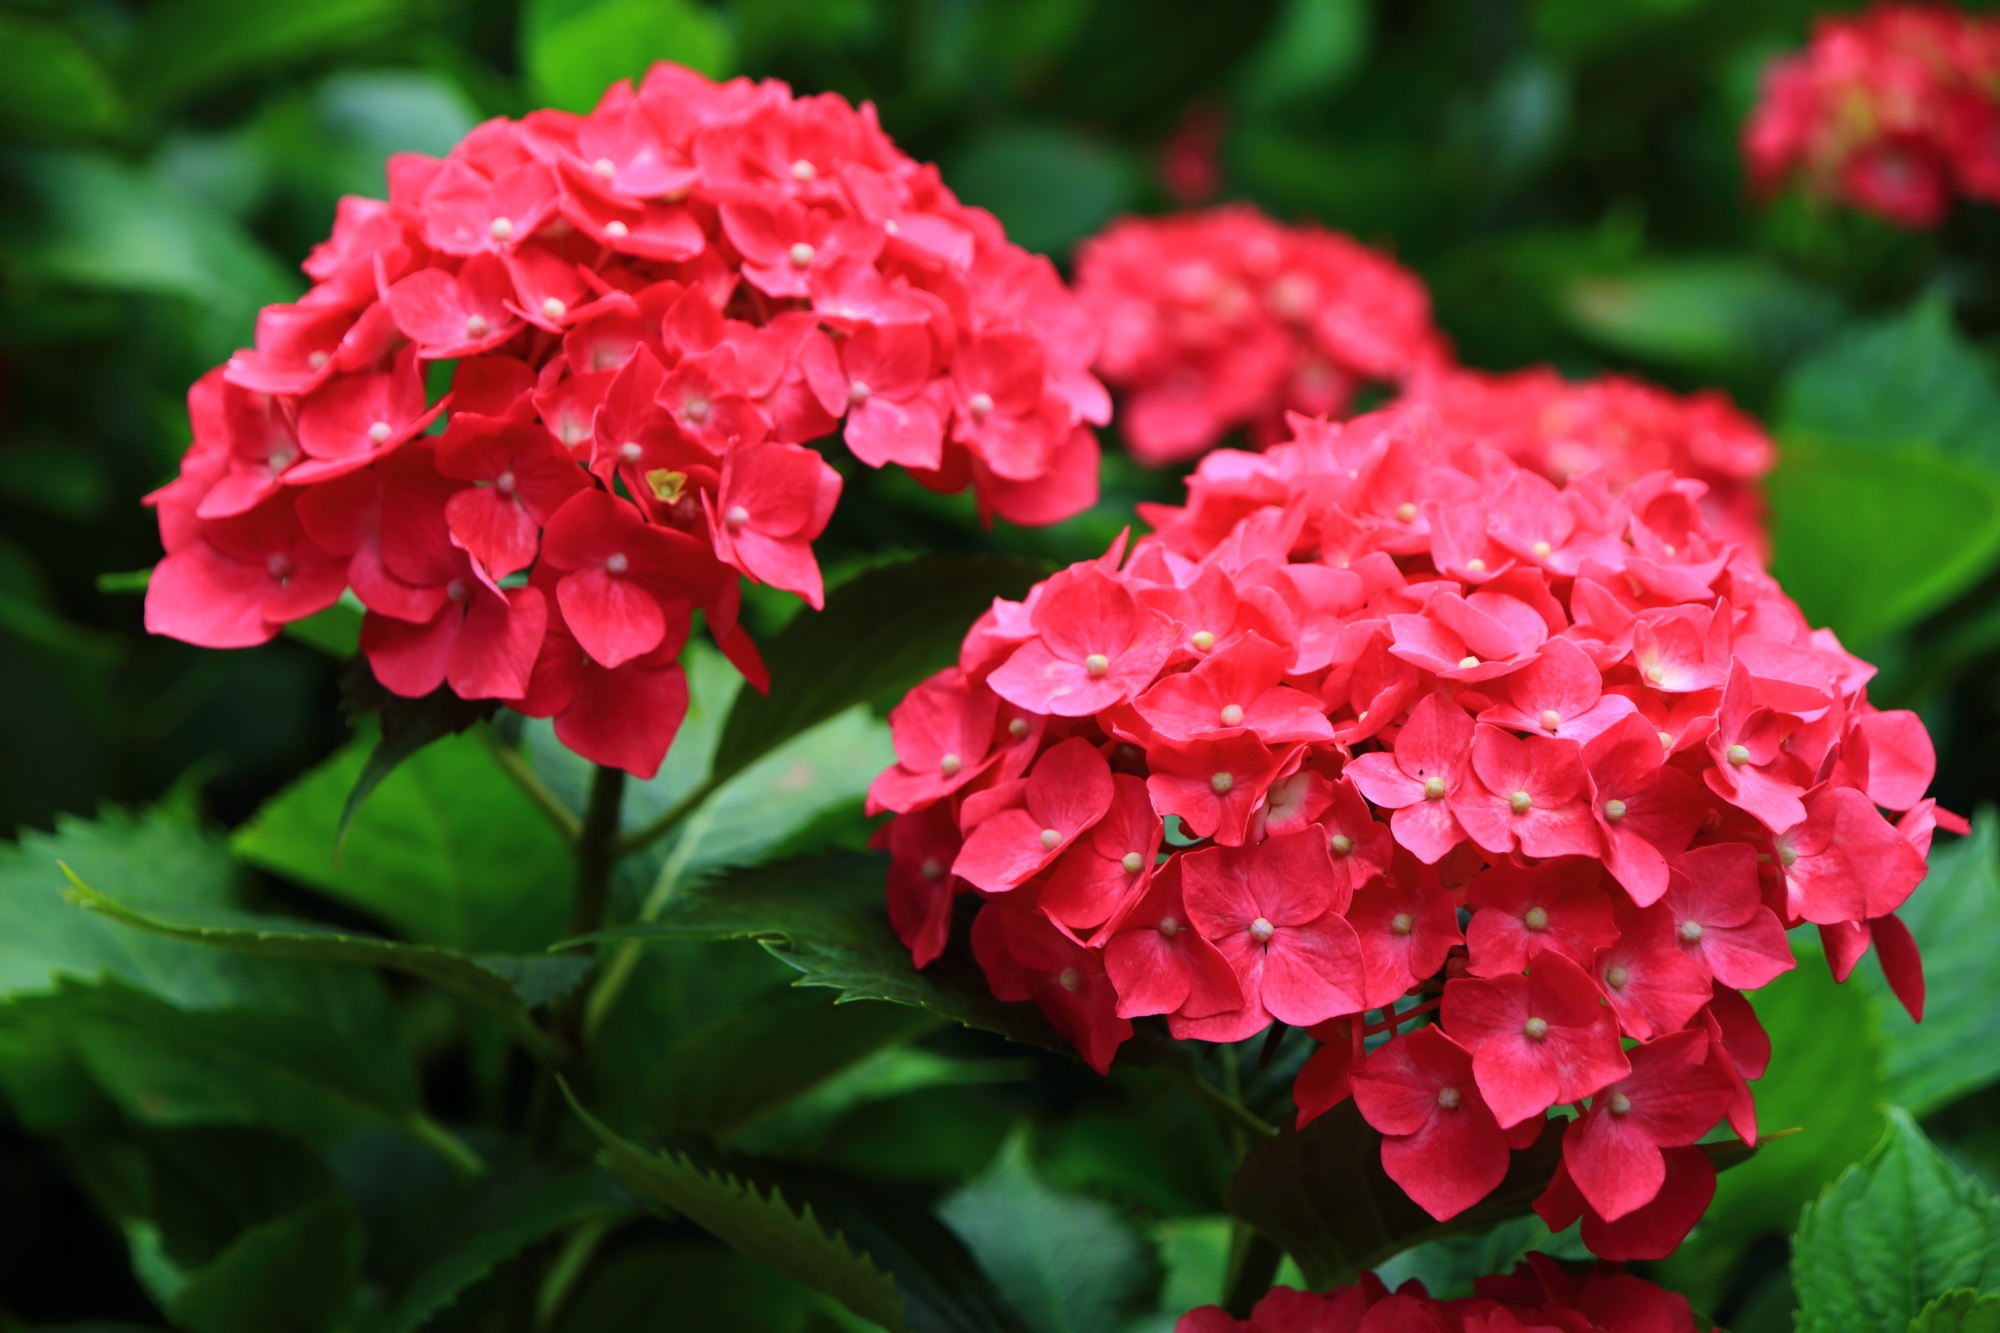 三室戸寺のビビッドな濃い色合いの赤系の紫陽花